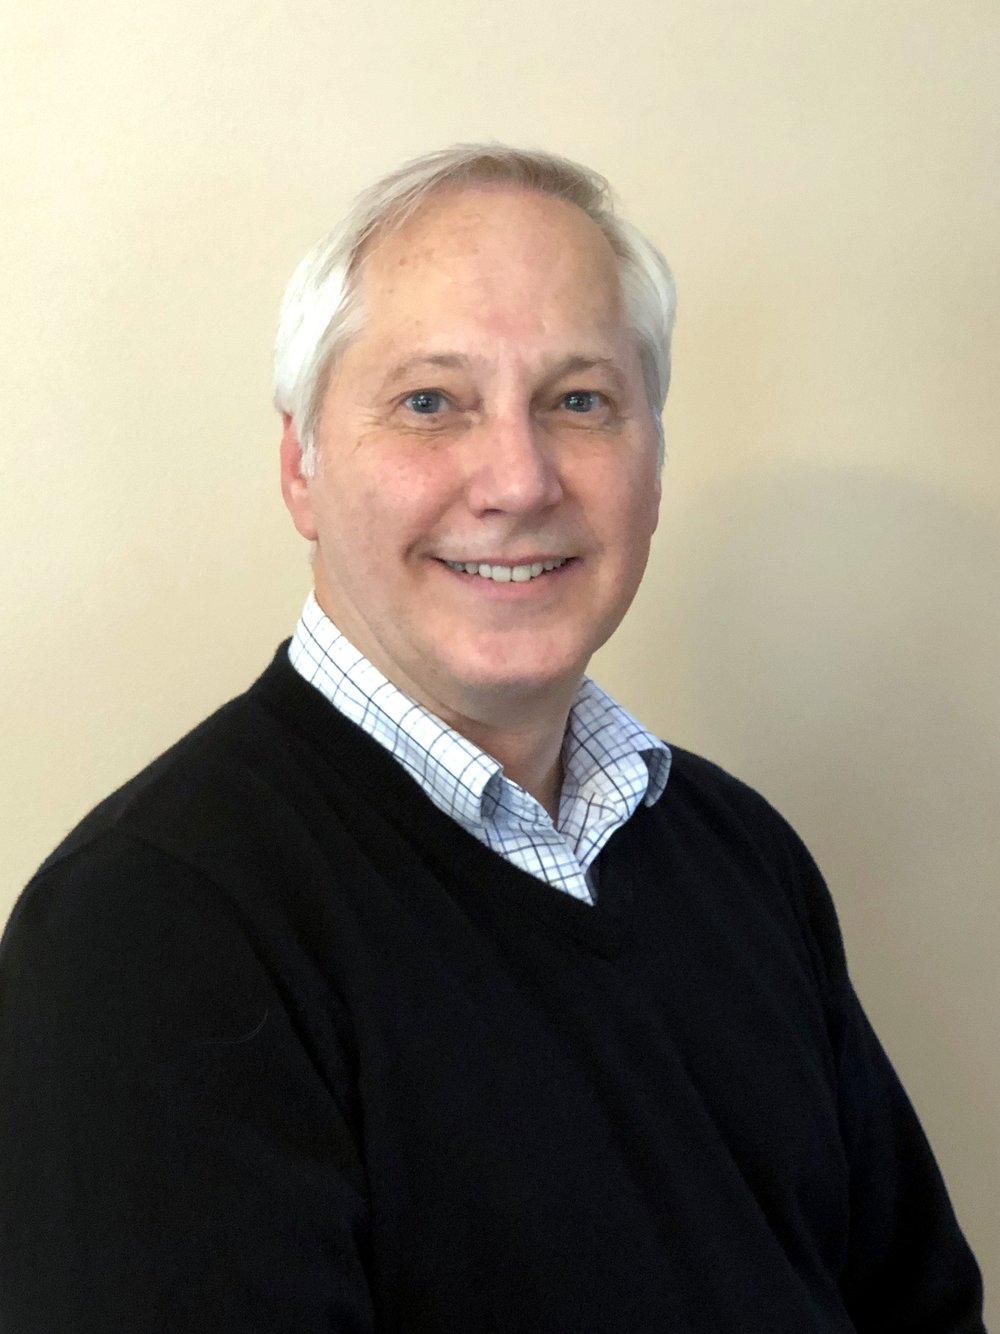 Dr. Tony Fletcher